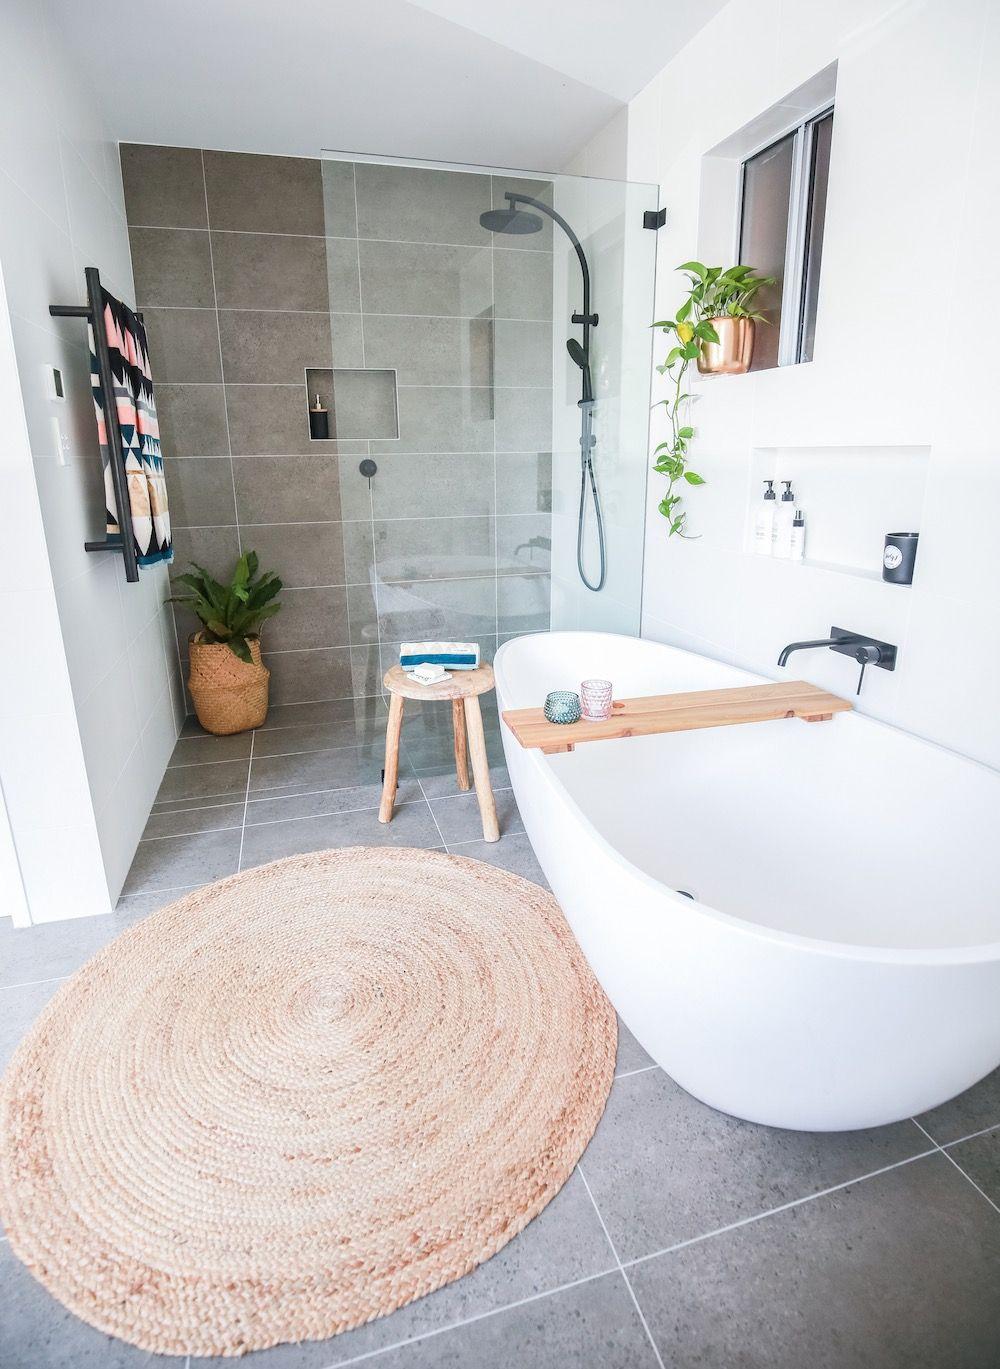 Bien L Amour Dans La Salle De Bain #9: Inspiration Salle De Bain · Bathroom Styling